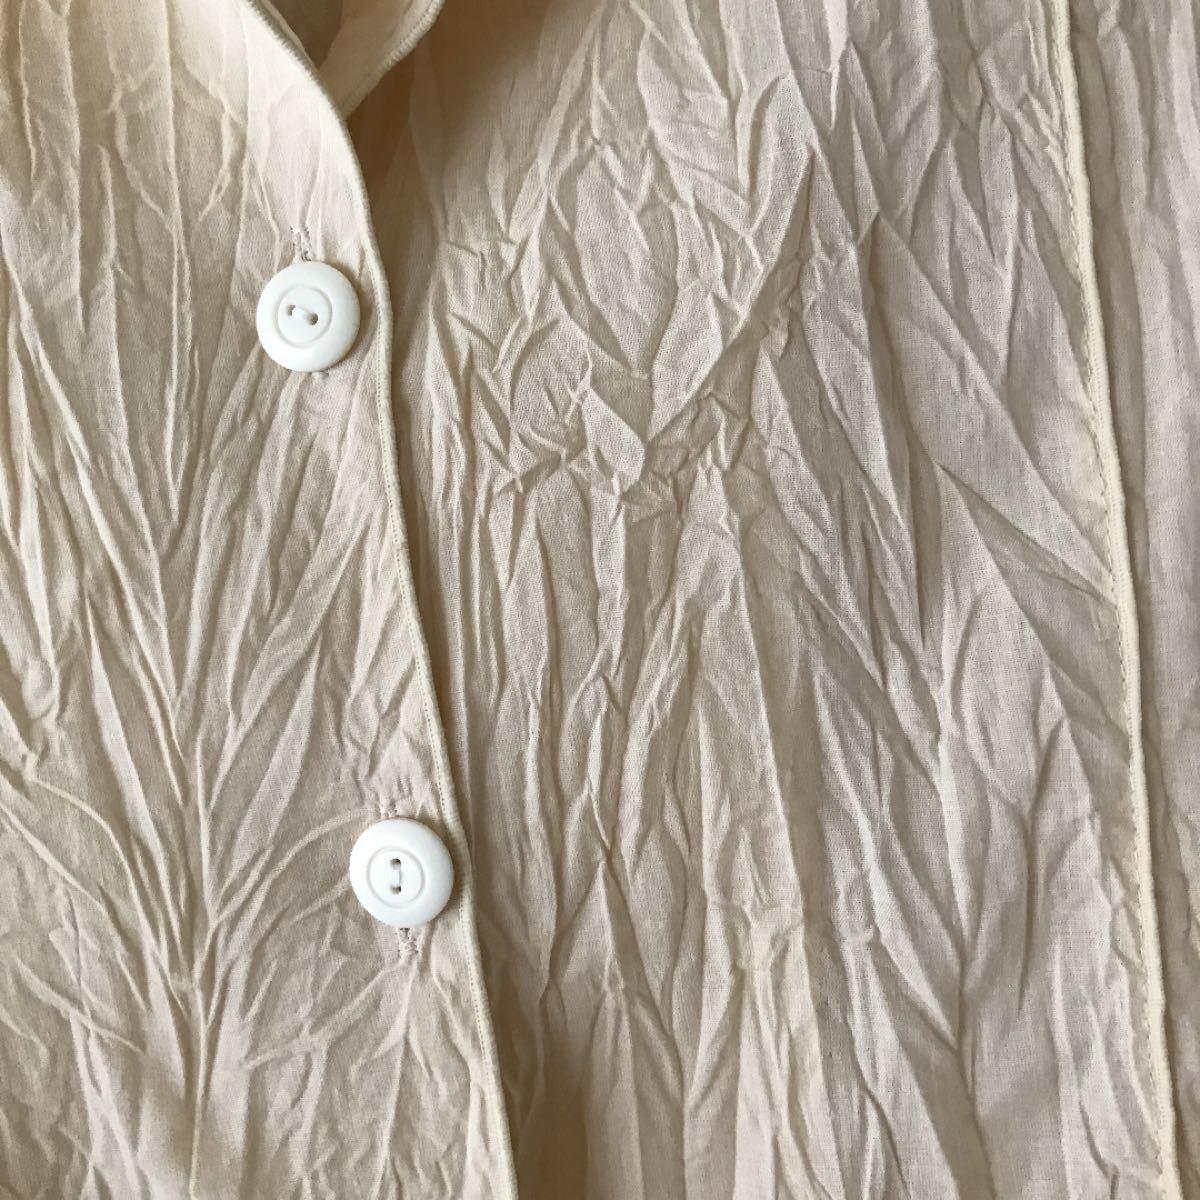 テーラードジャケット しわ加工 アイボリー レディースジャケット 女性上衣